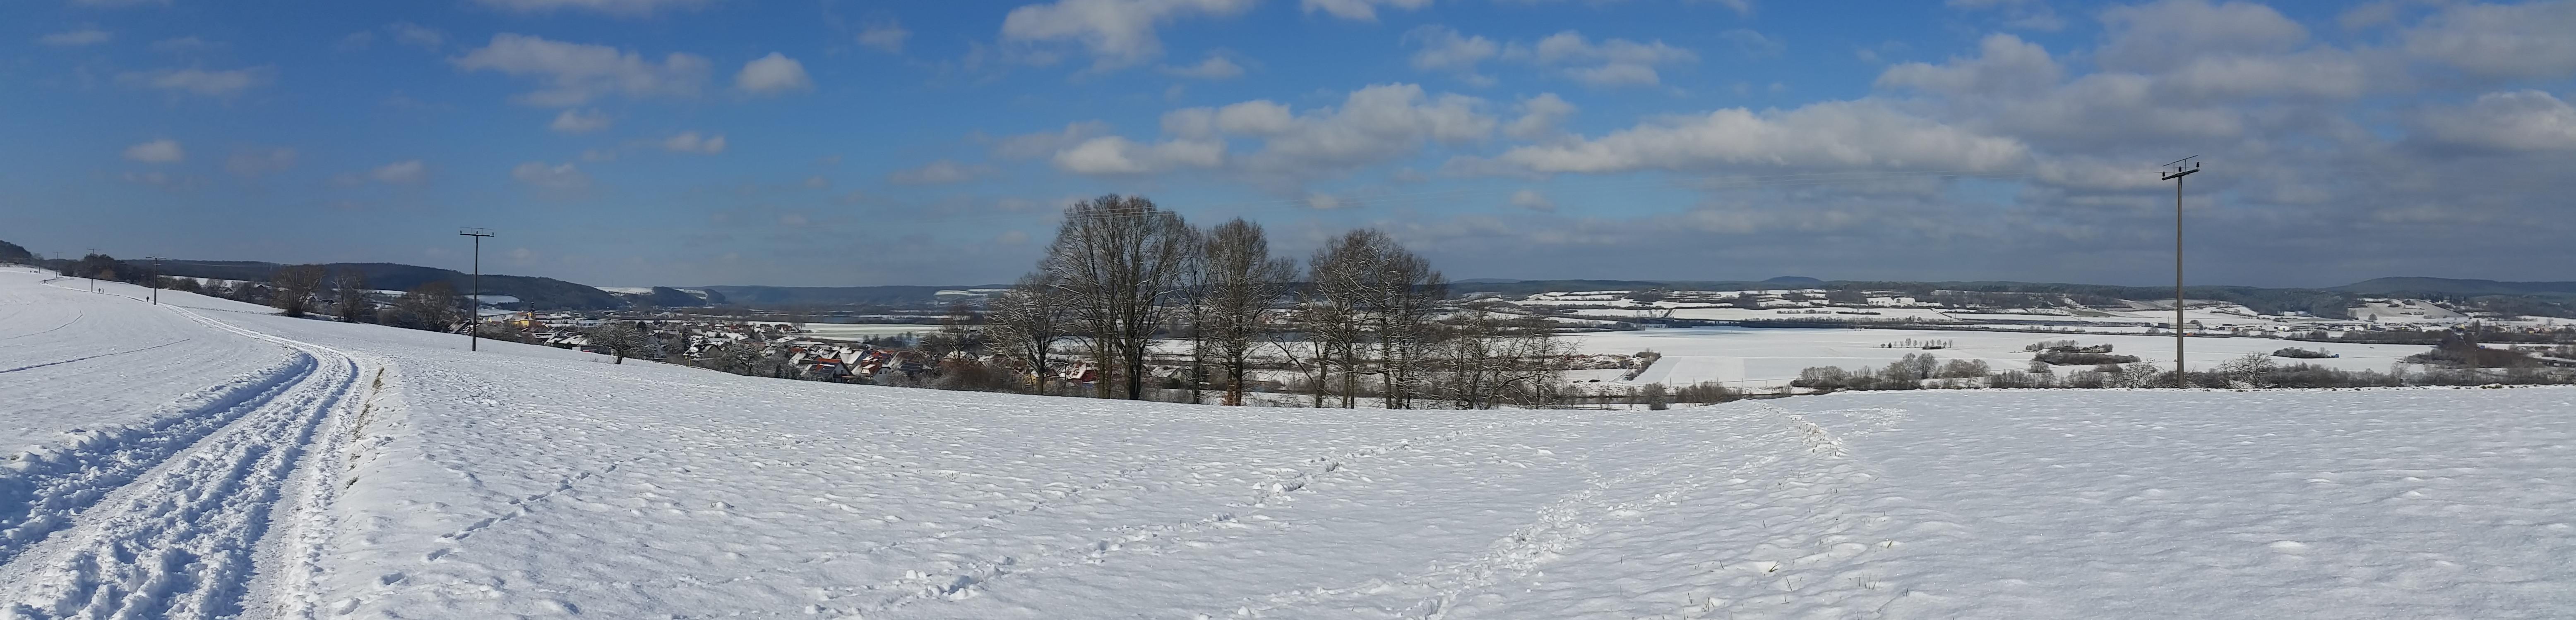 winterbild_3